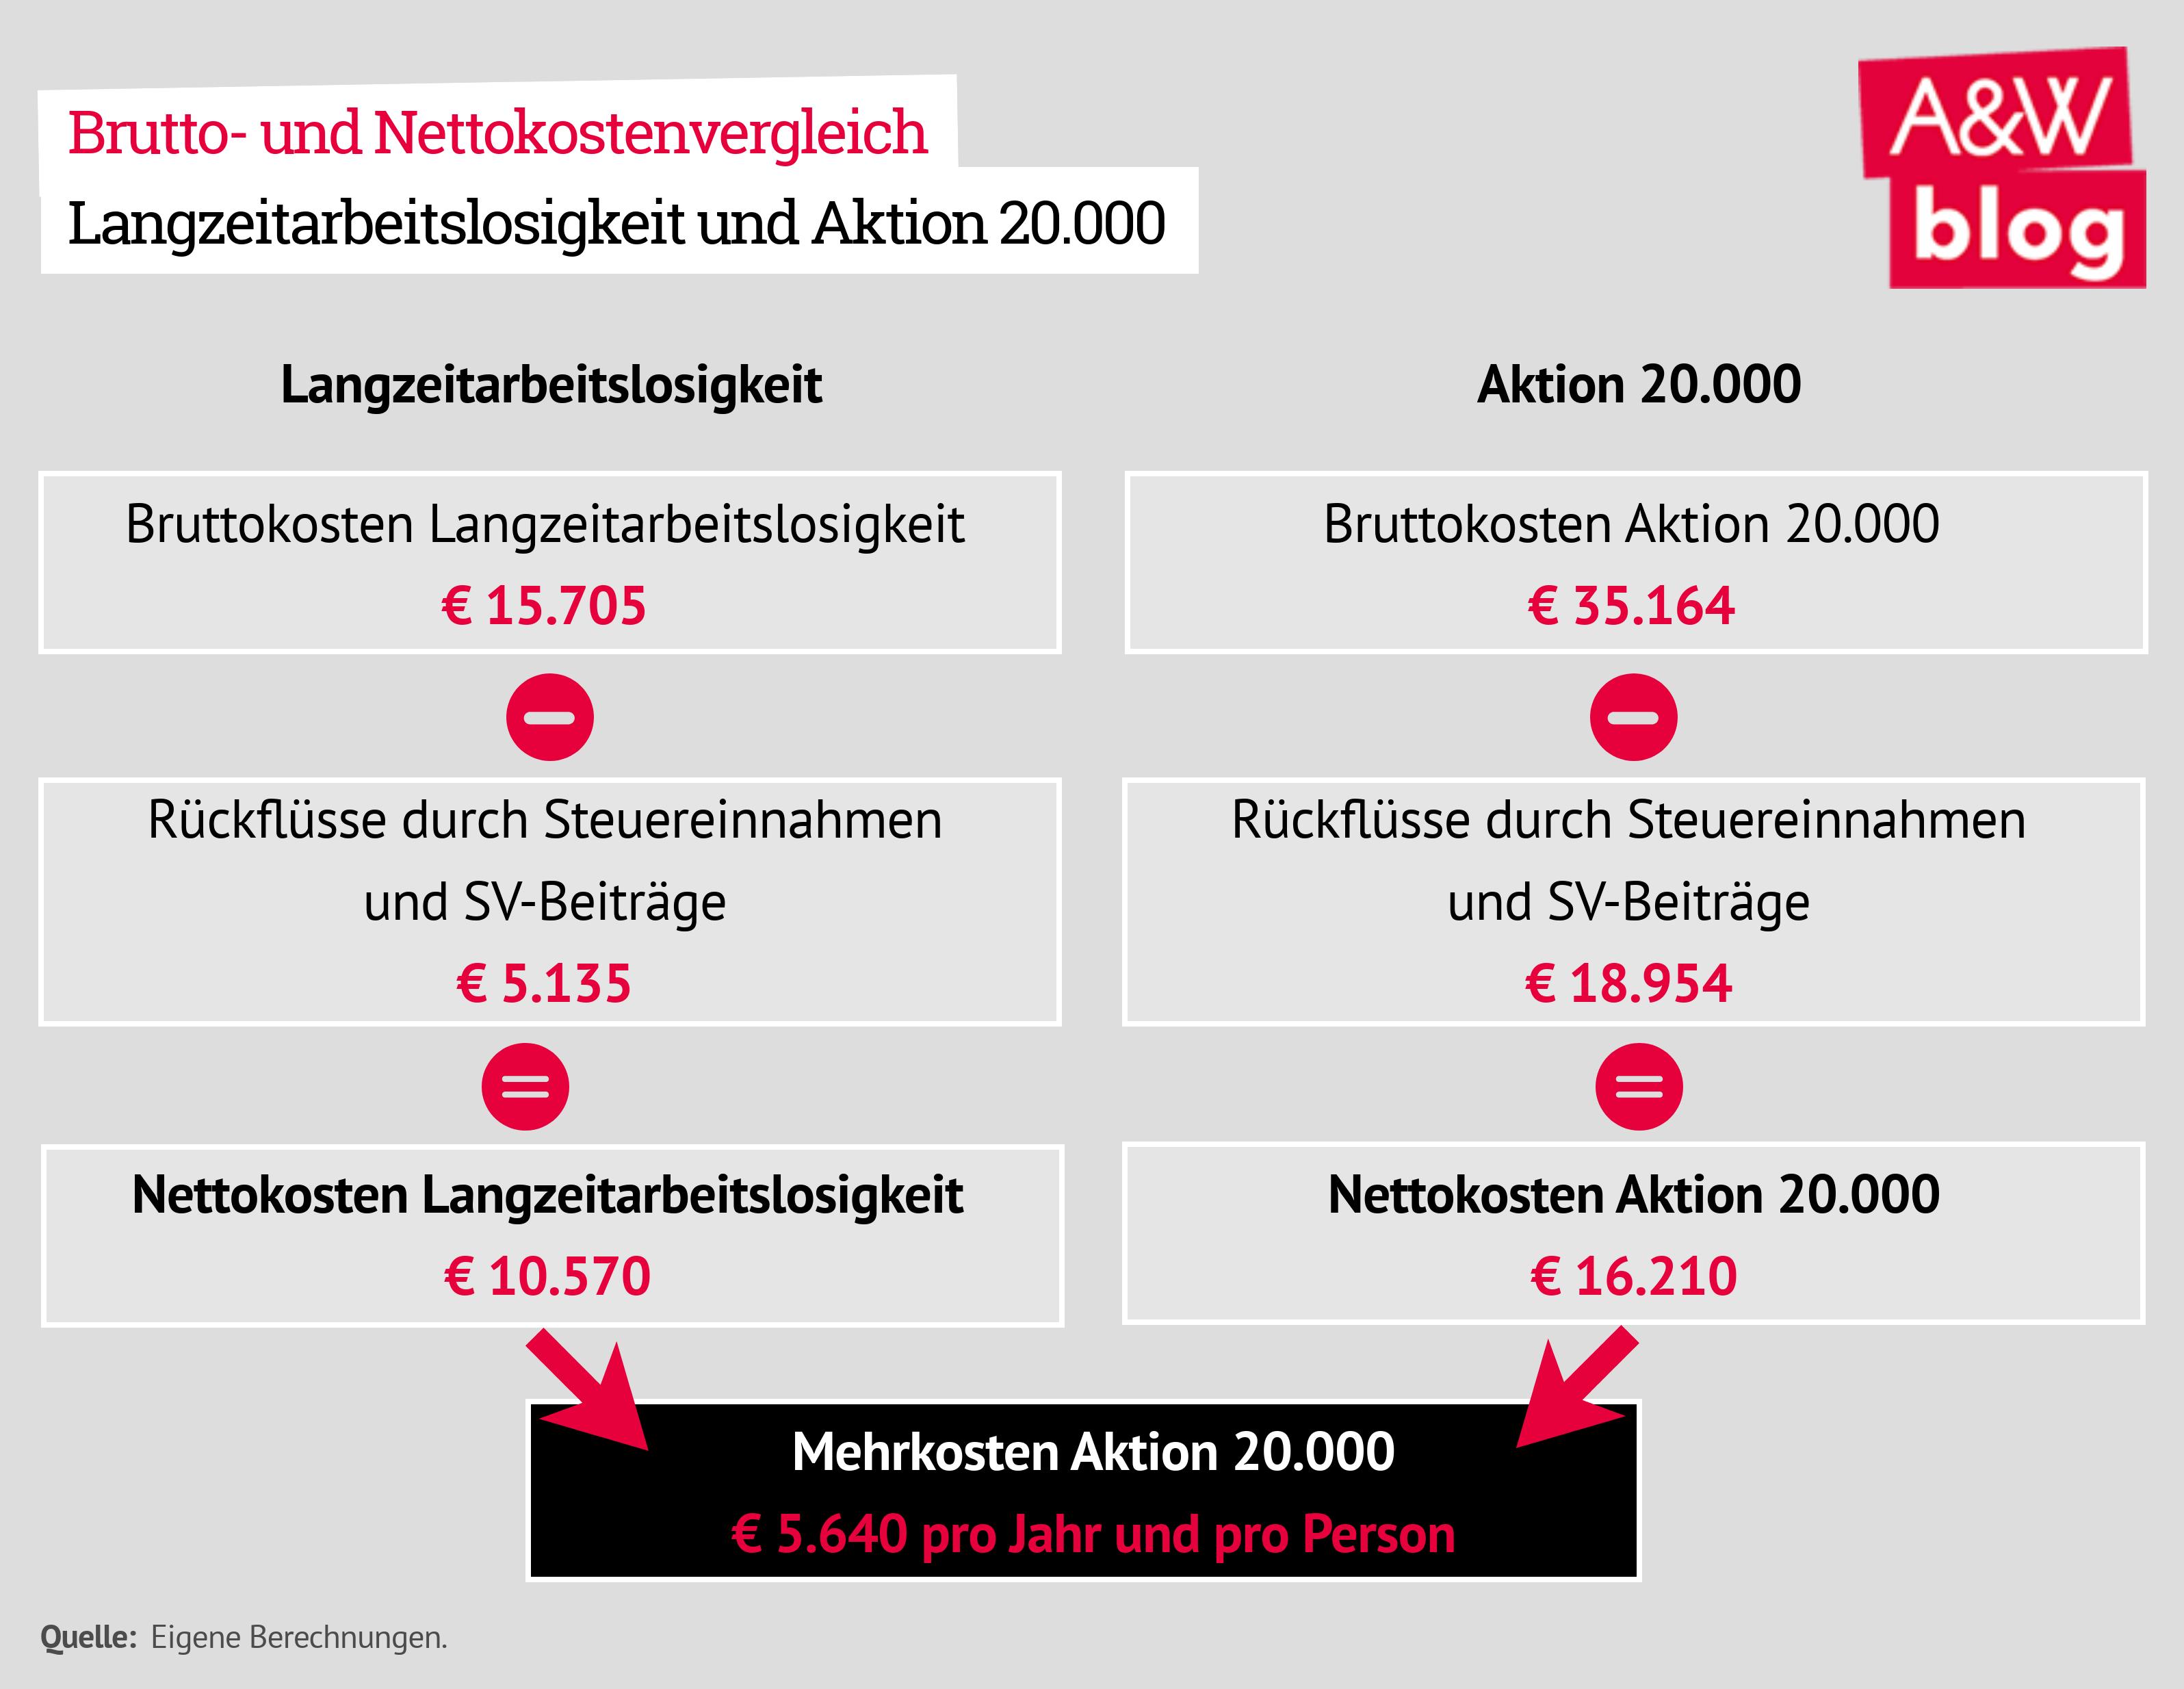 Brutto- und Nettokostenvergleich Langzeitarbeitslosigkeit und Aktion 20.000